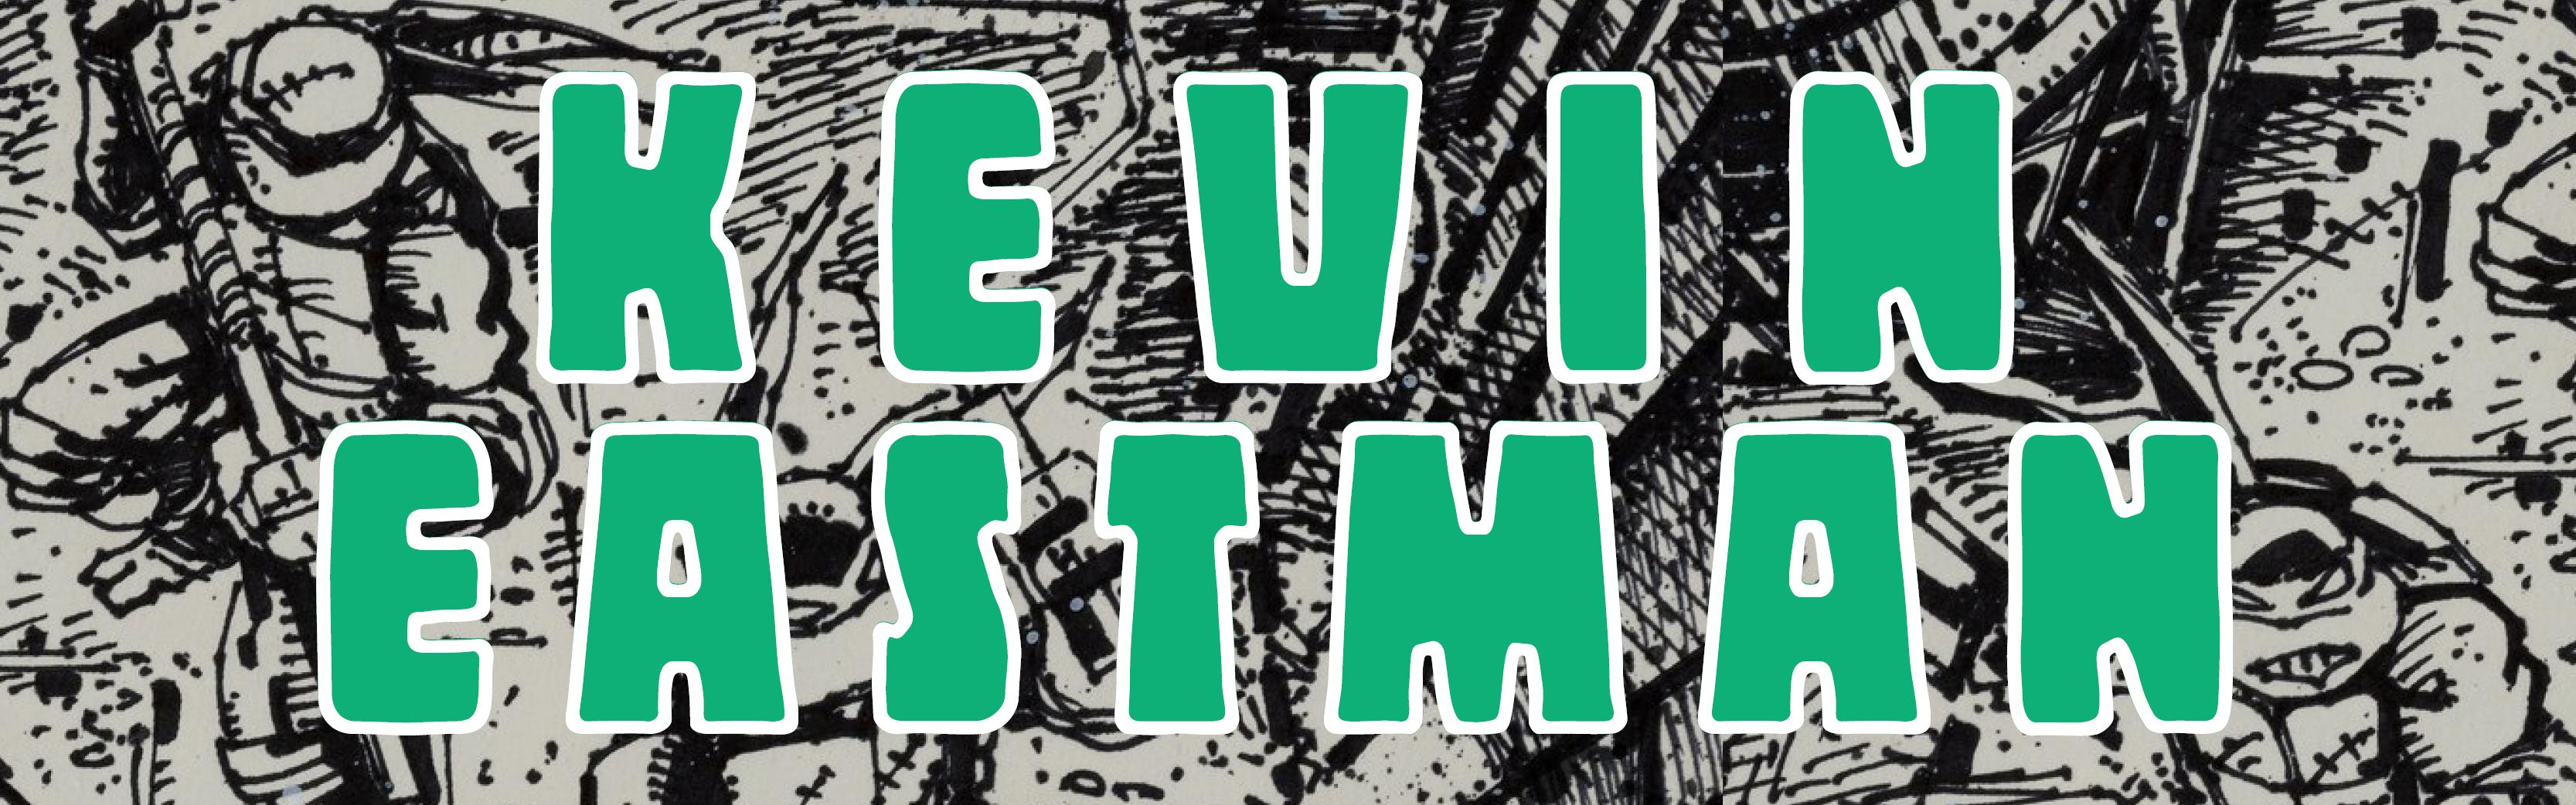 Kevin Eastman Signed & Sketched TMNT HCs Benefit CBLDF!